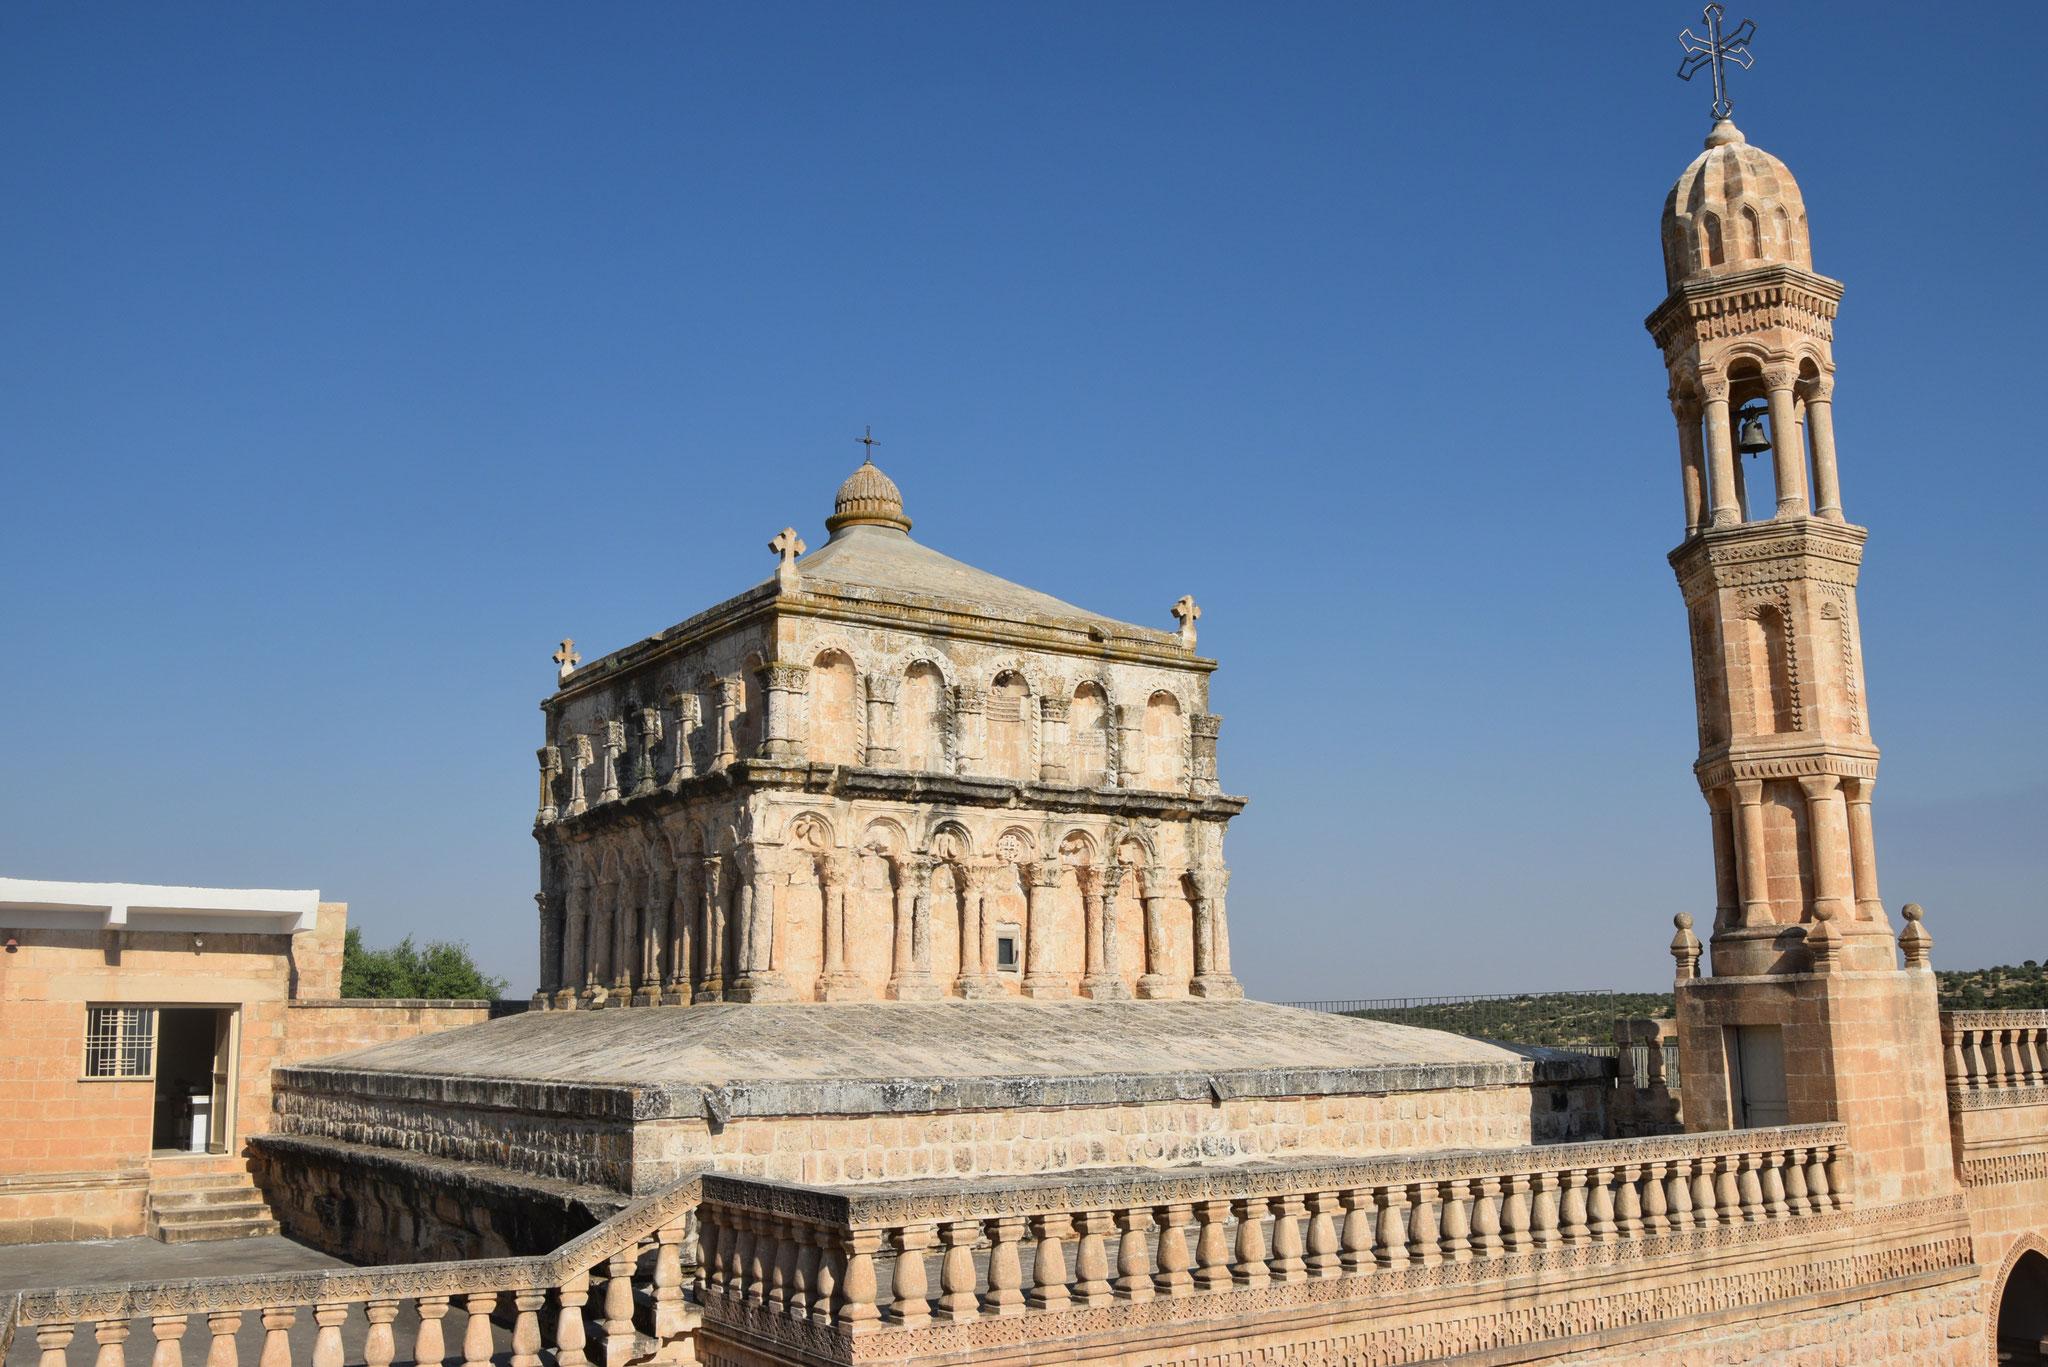 Die Marienkirche von Hah zählt zu den bekanntesten und am besten erhaltenen Gotteshäusern im Tur Abdin.